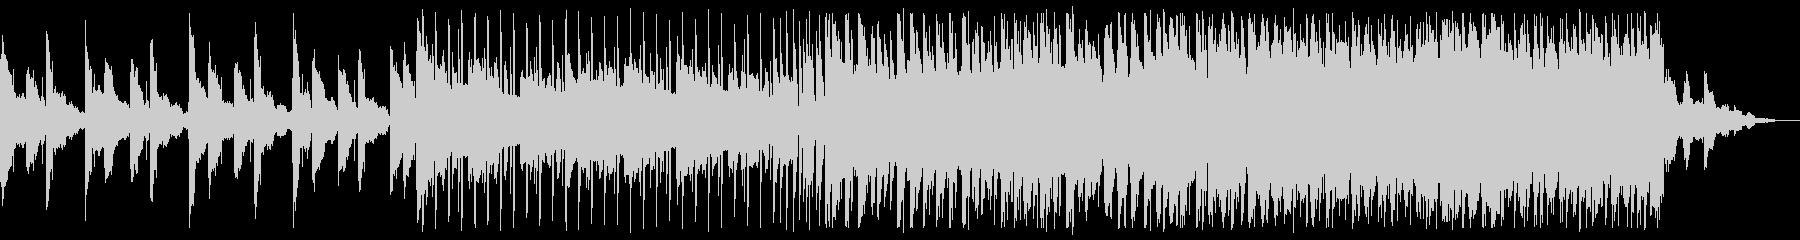 煌びやかなディスコ_No693_3の未再生の波形